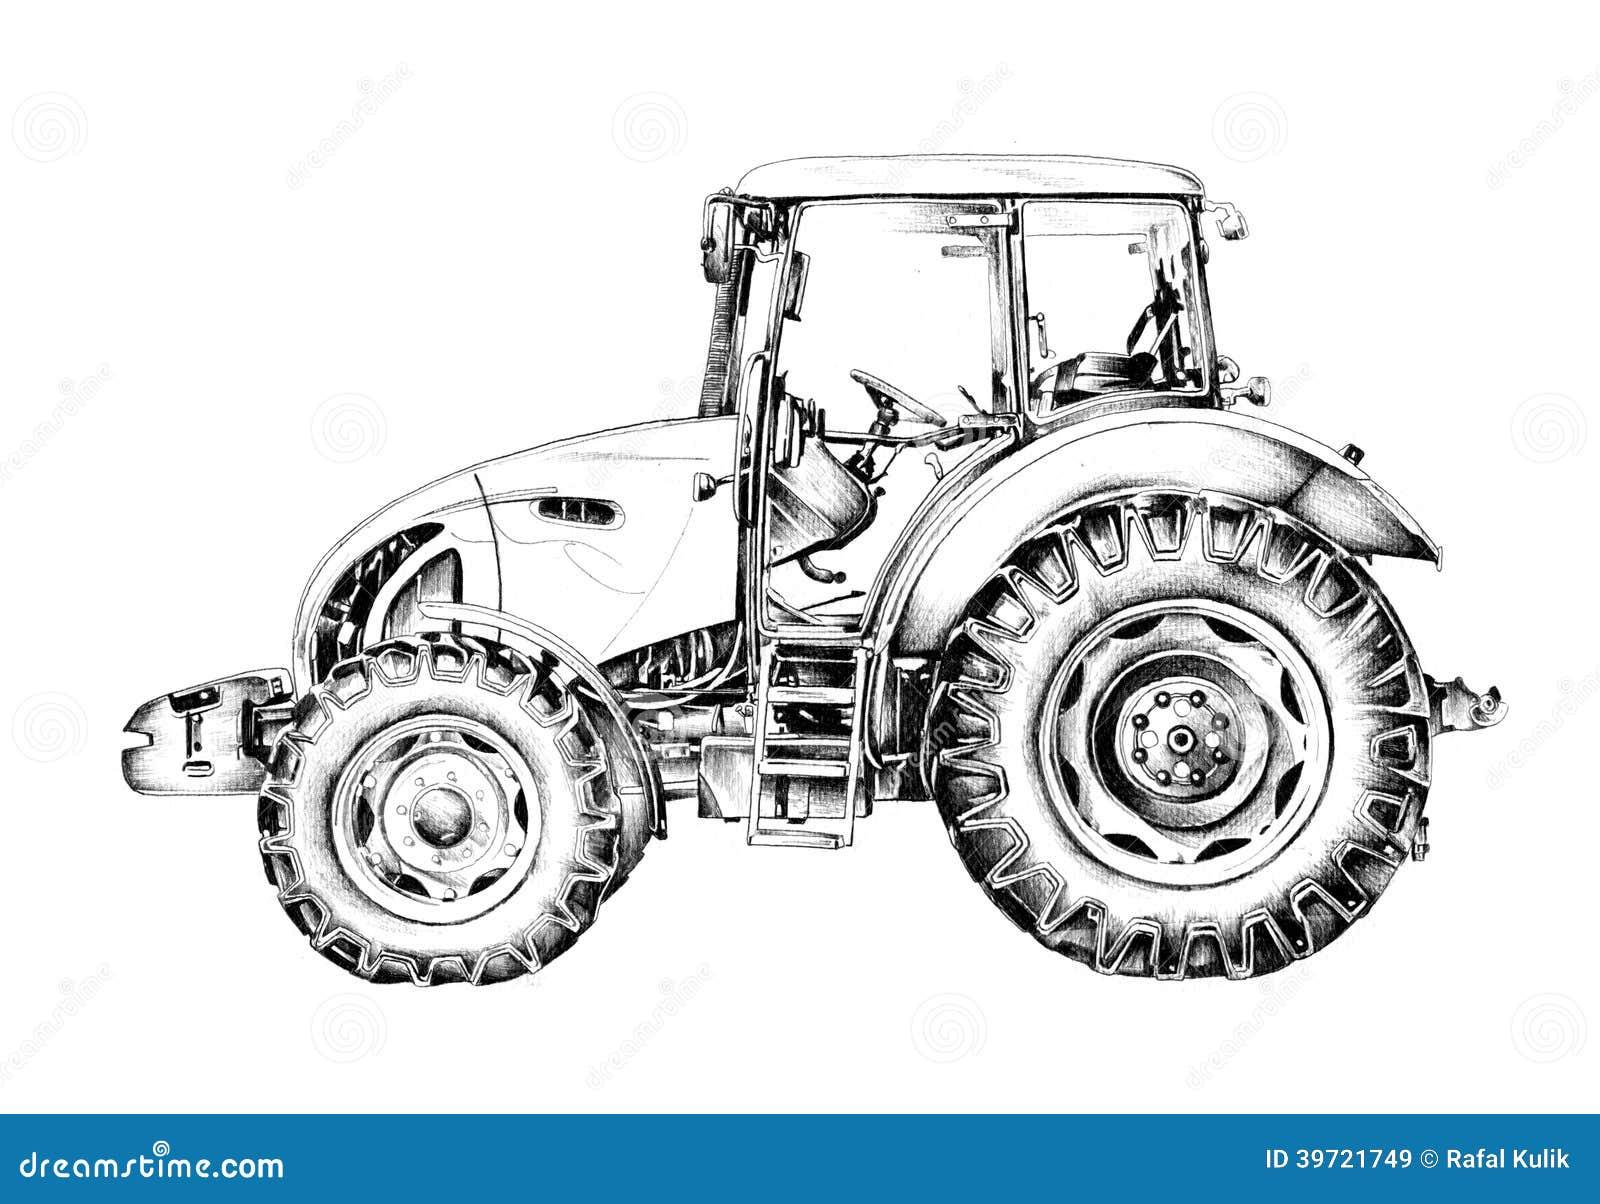 Bien-aimé Dessin D'art D'illustration De Tracteur Agricole Illustration  PC61